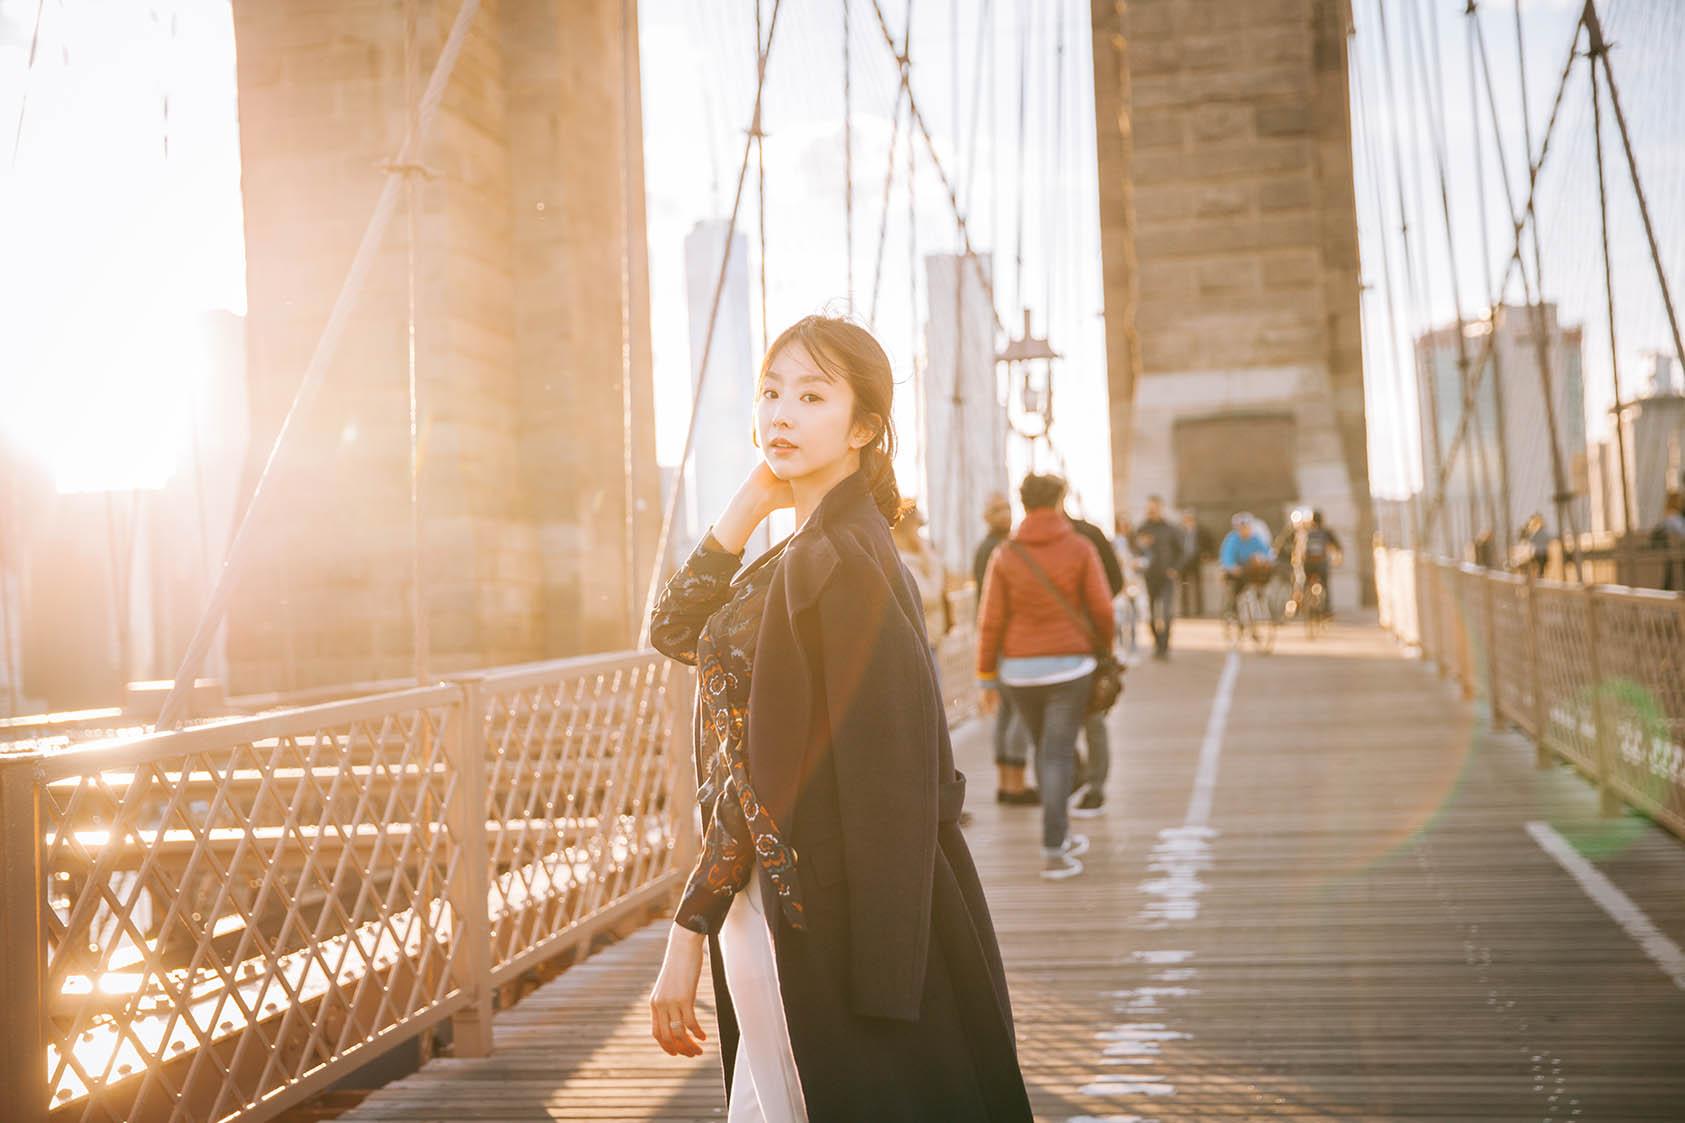 Sprazzi_Professional_Portrait_Photo_NYC_Han_Resize_18.jpg